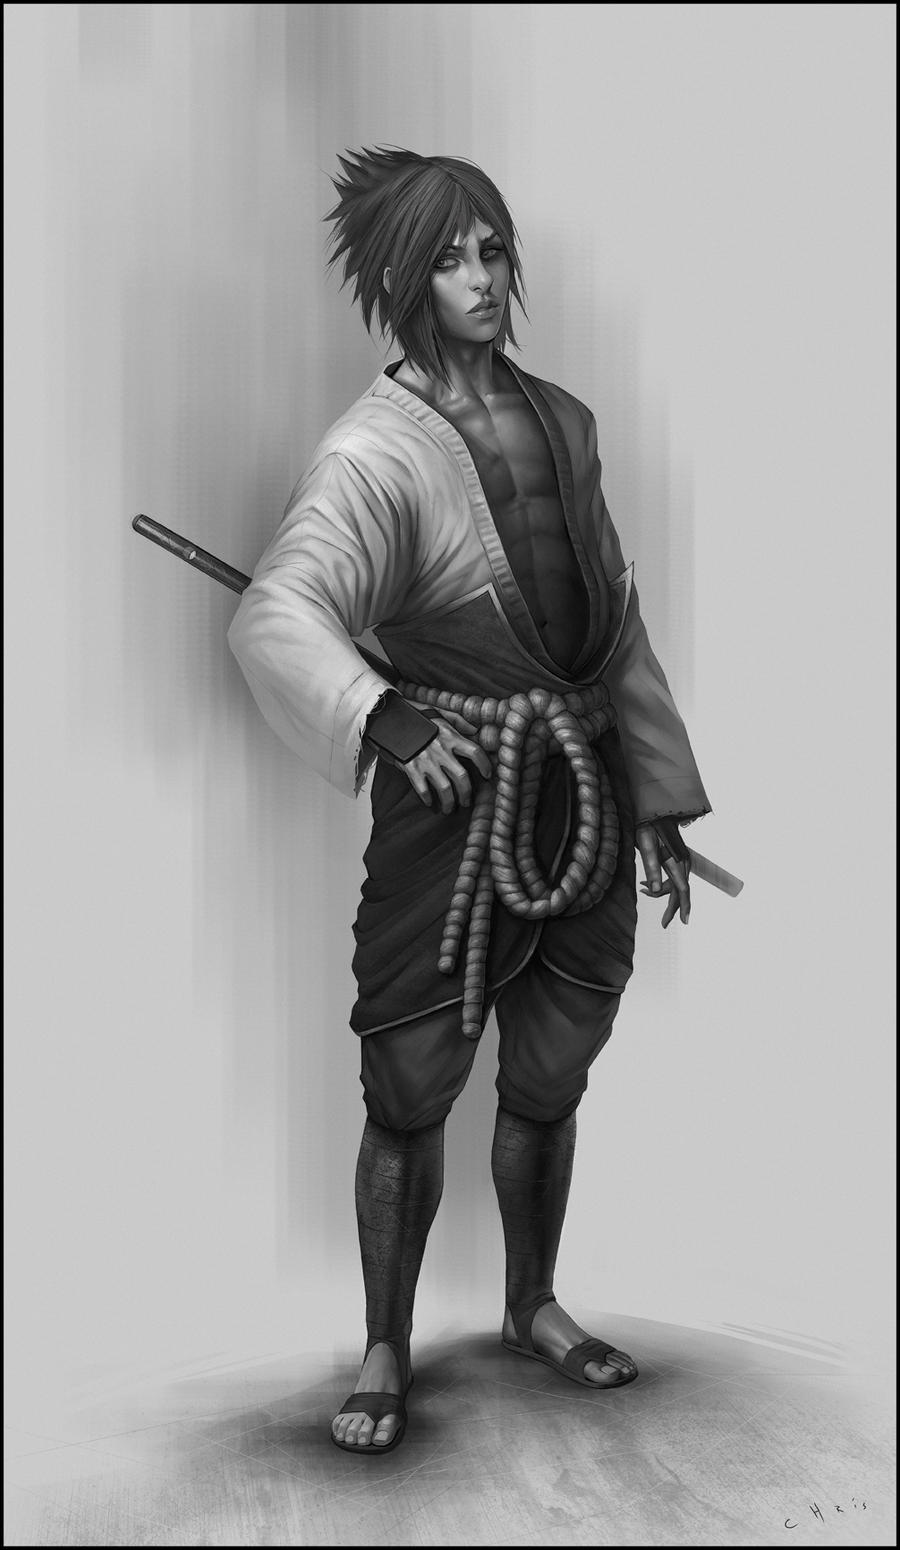 Sasuke Uchiha by chris-anyma